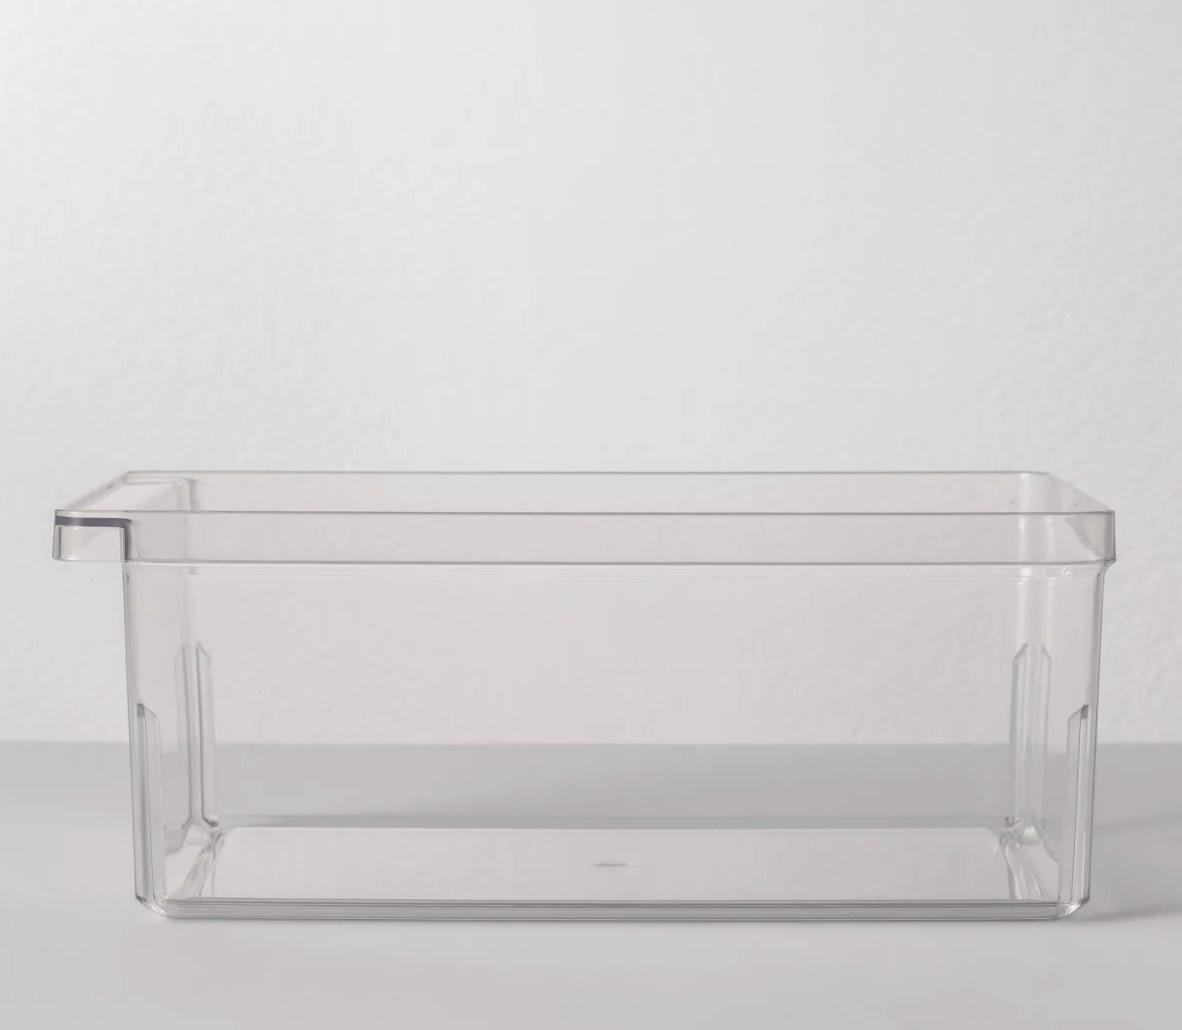 Clear plastic bin for kitchen storage